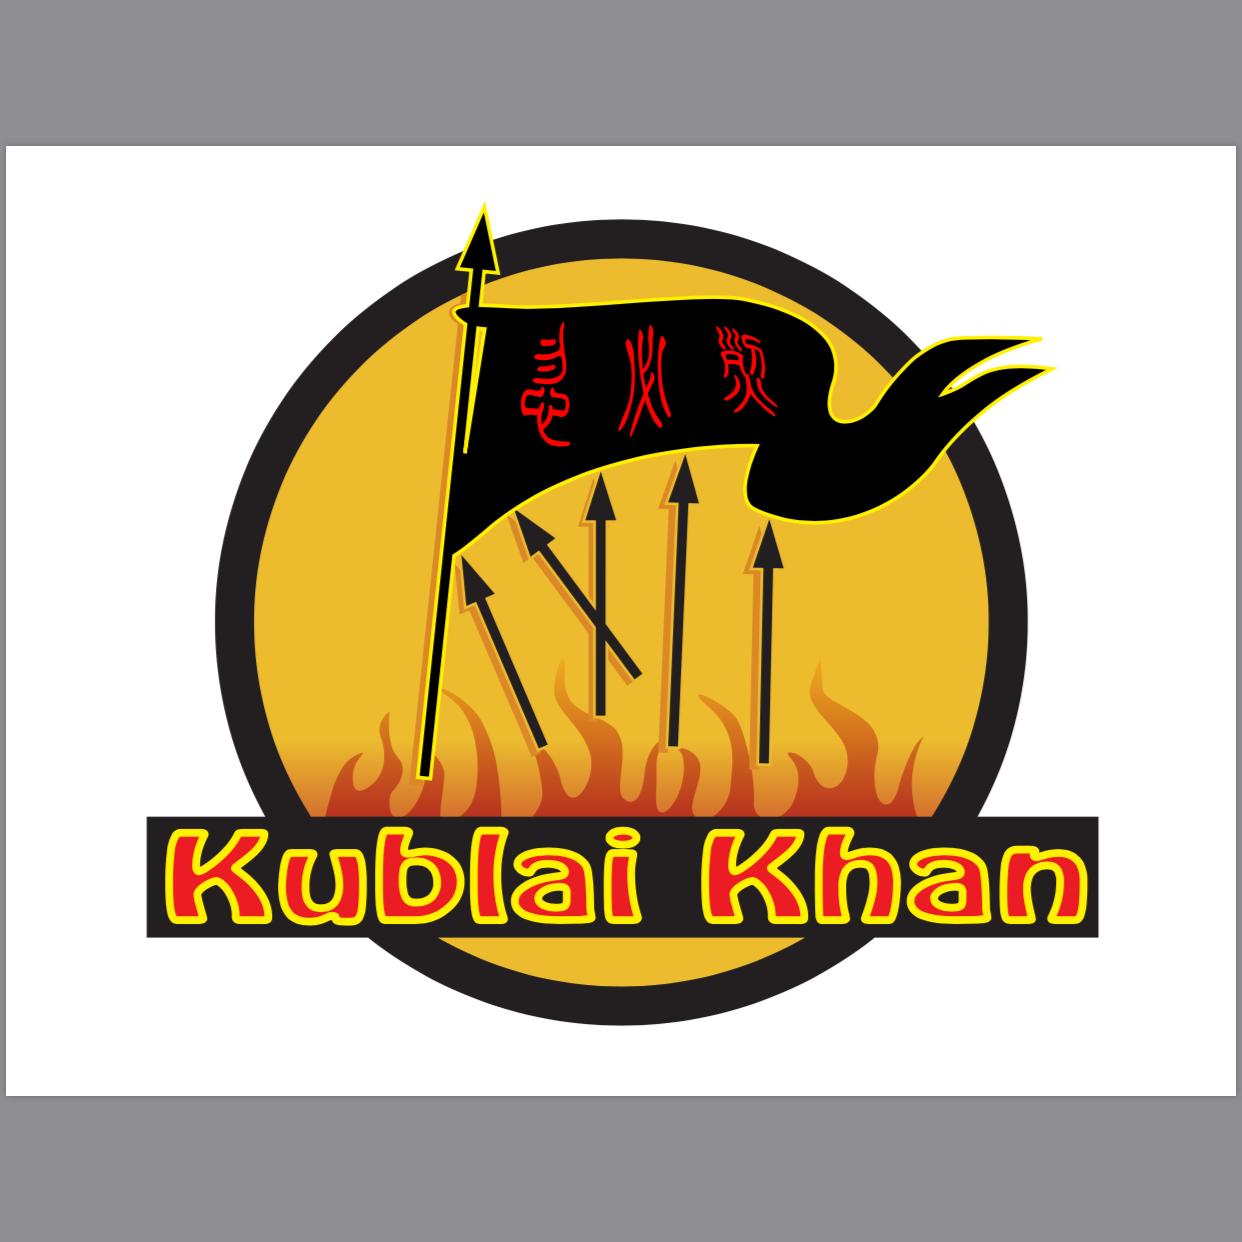 Kublai Khan Mongolian Grill & Sushi